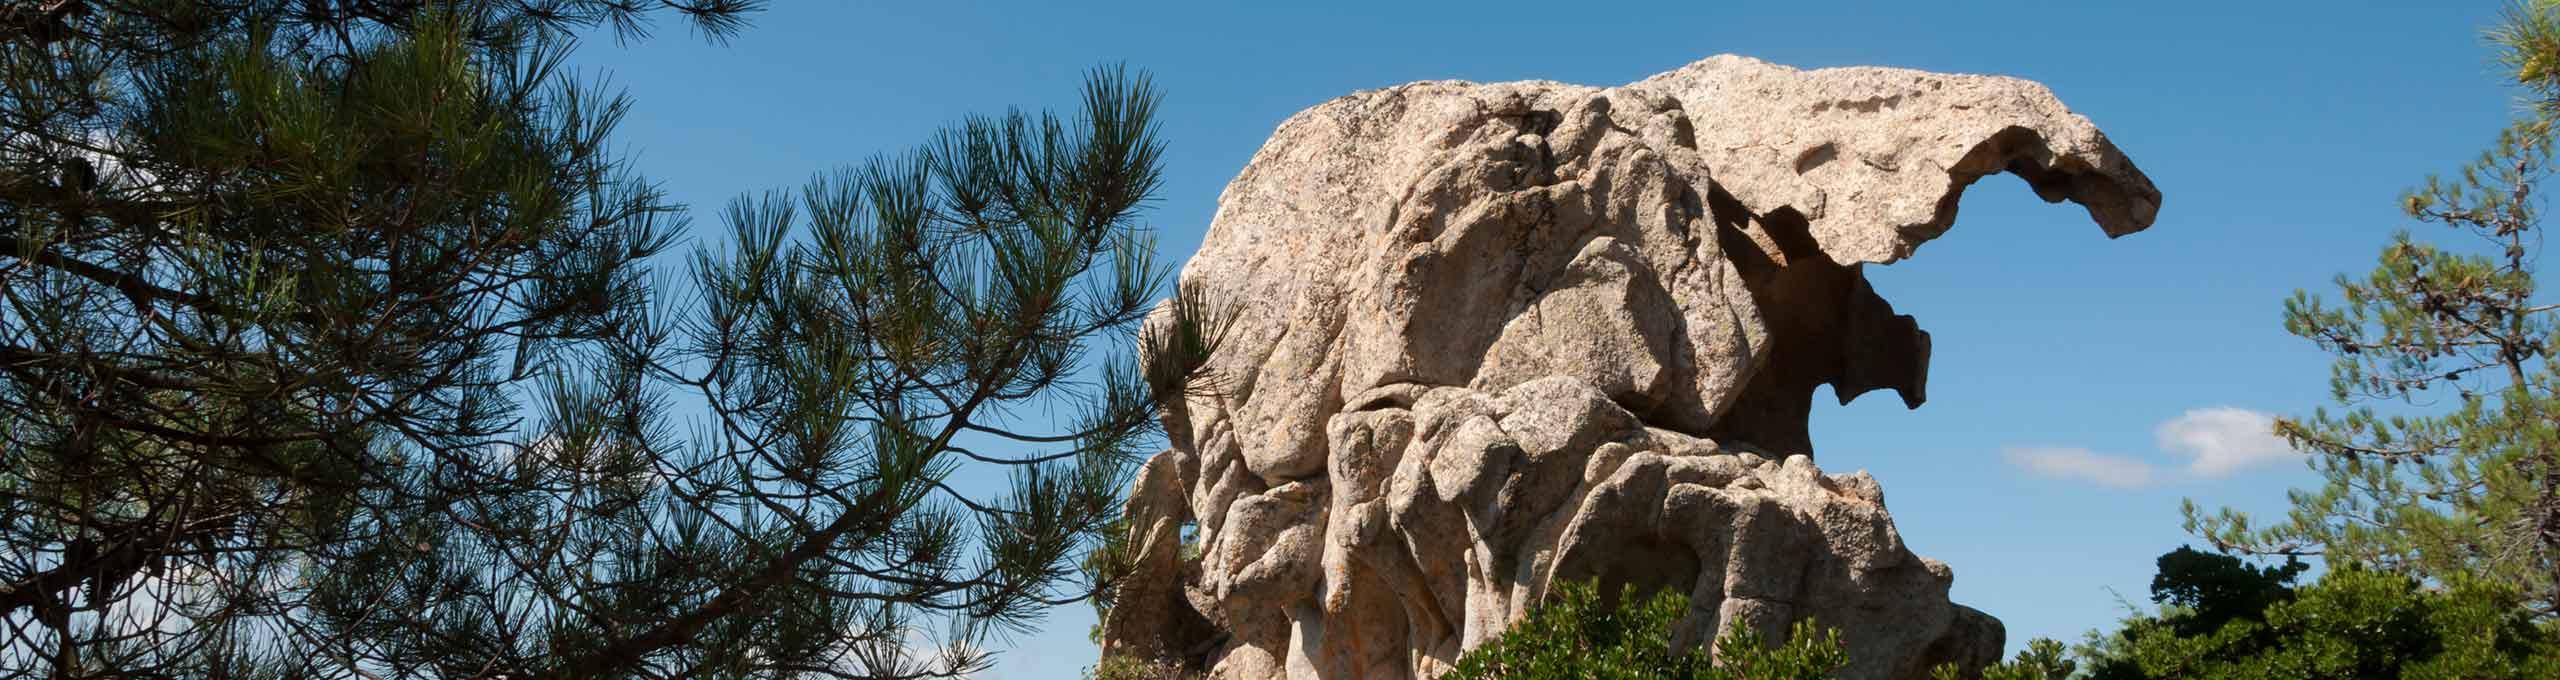 Telti, Gallura, scultura naturale